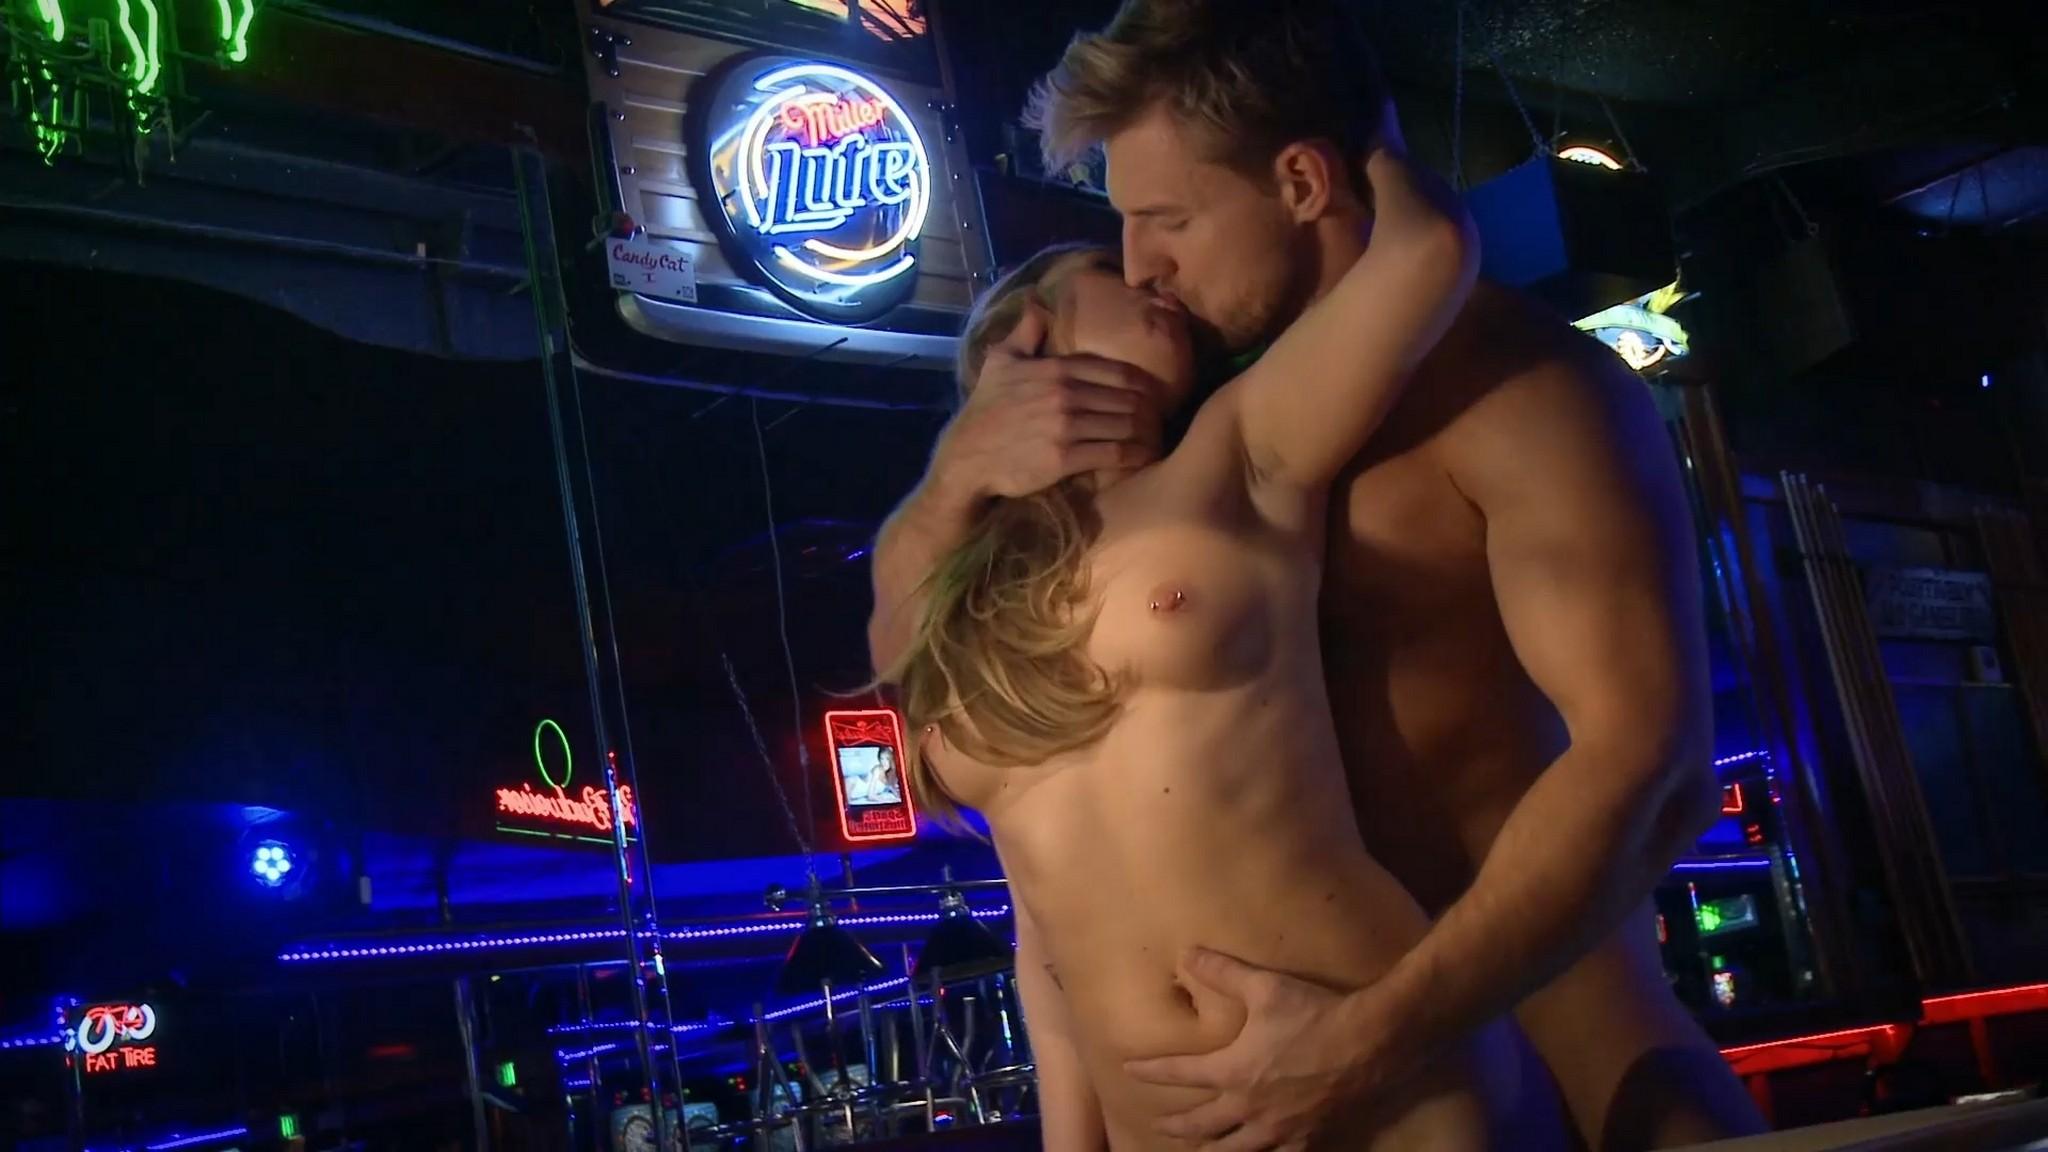 Carter Cruise nude lot of sex Kira Noir Sarah Hunter nude sex too Deadly Pickup 2016 1080p Web 19